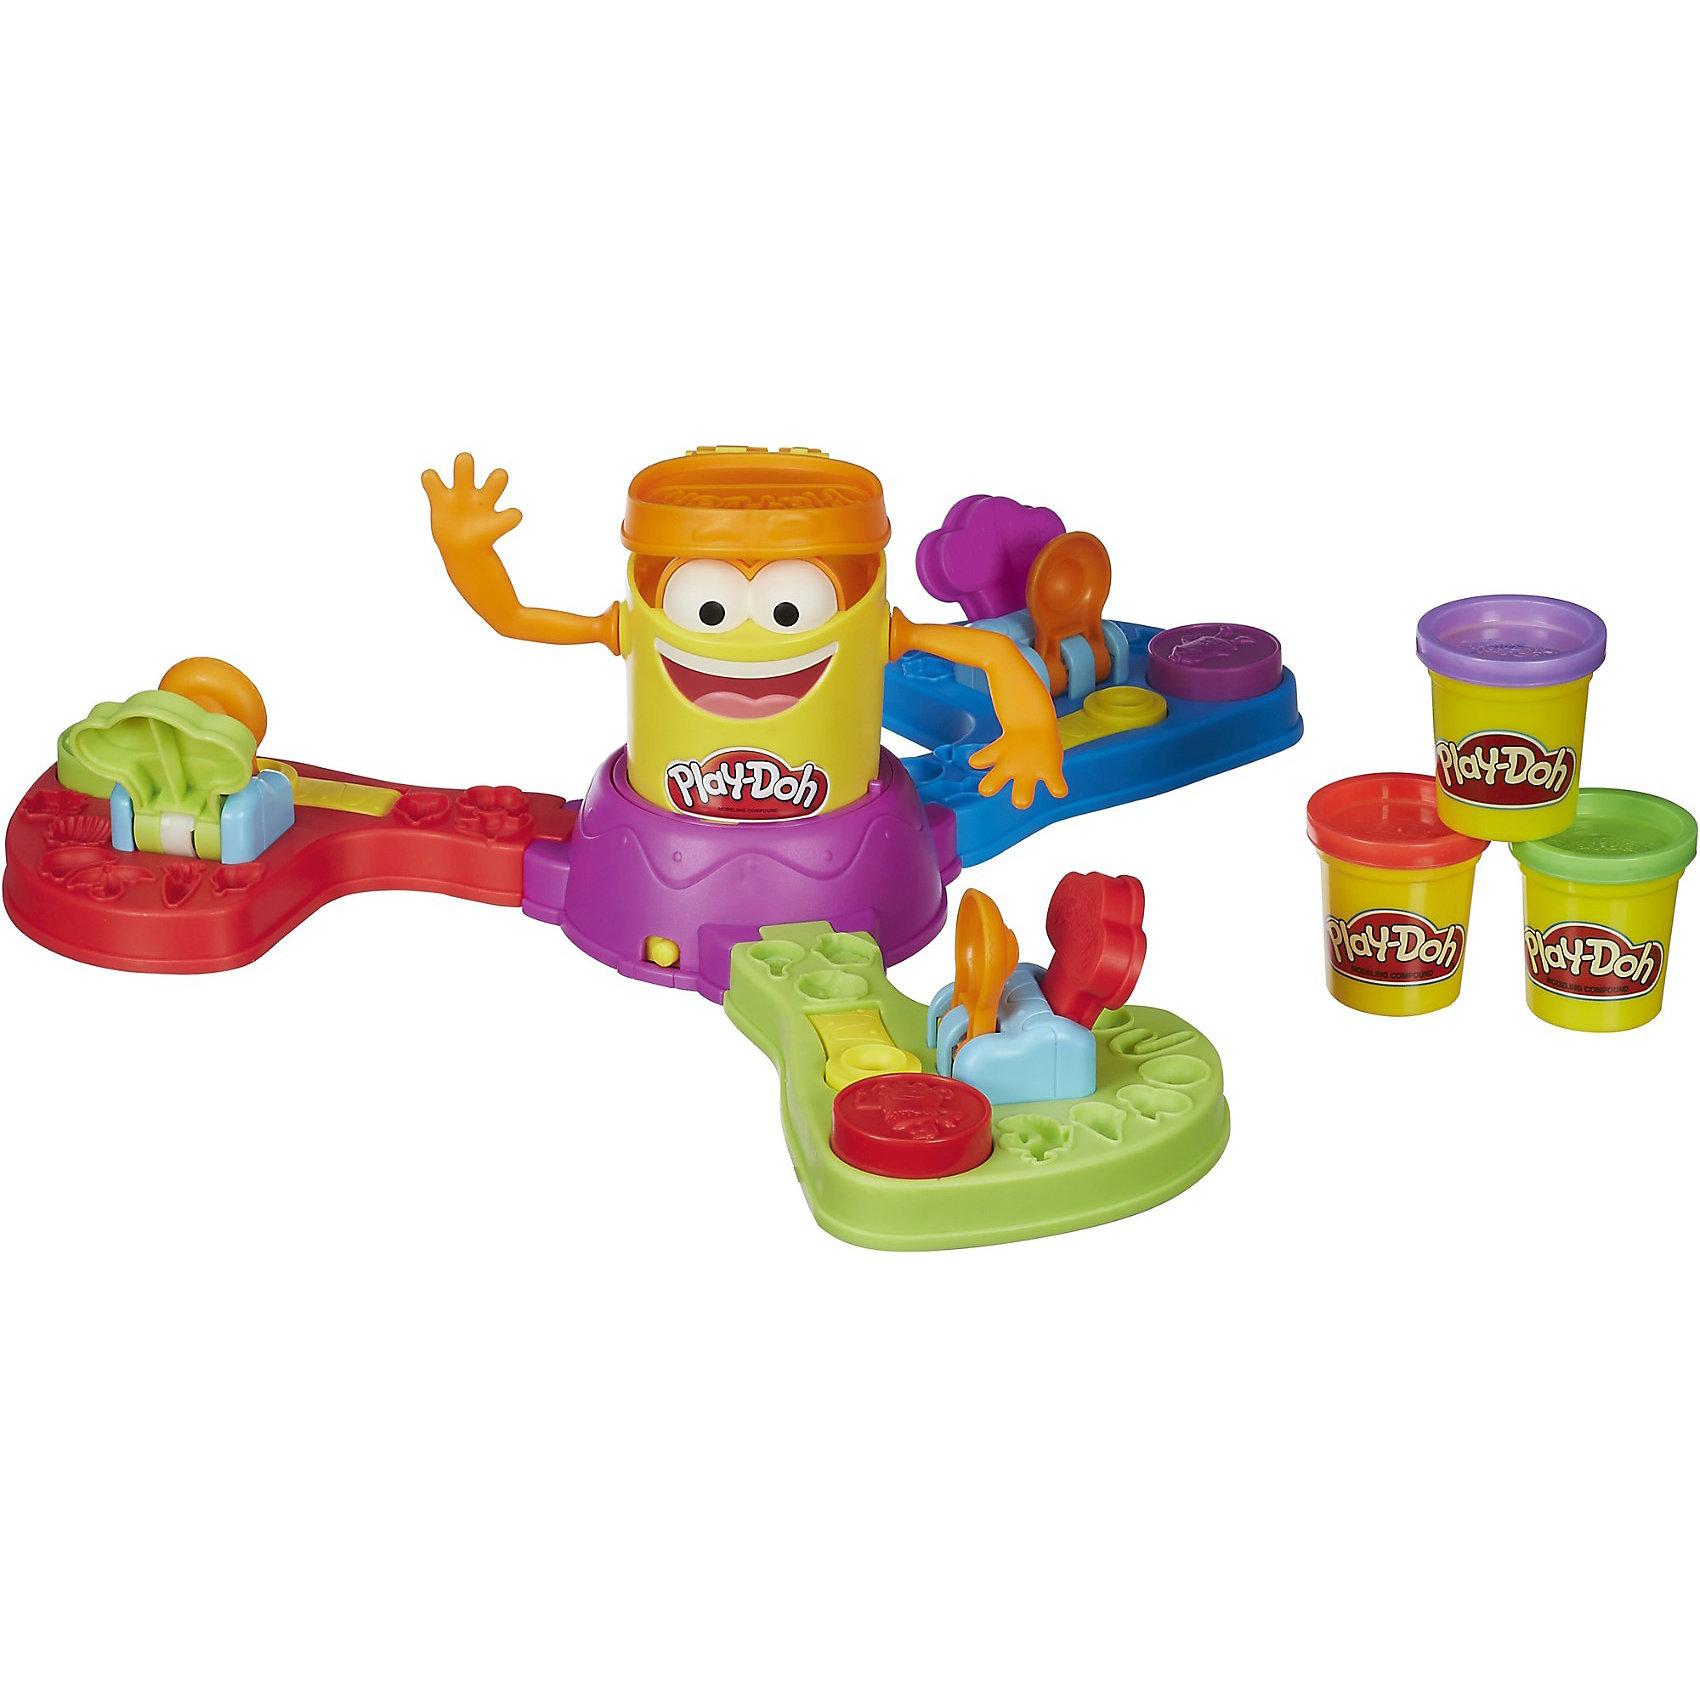 Игра Забавная Плейдошка, Play-DohДля больших компаний<br>Игра Play-Doh - прекрасная игра для всей семьи. В центре игры находится забавный Плейдошка, вокруг него находятся 3 пусковых устройства. Как только вы запустите механизм вращения, потешная баночка-человечек начнет крутиться, дразня игроков вращающимися руками и не переставая хлопать шапкой-крышечной, закрывая и открывая ее. Игроки должны:<br>- Заложить пластилин в специальную формочку в пусковом устройстве.<br>- Прижать его сверху круглым прессом, чтобы получился пластилиновый    шарик.<br>- Метко запустить шарик в Плейдошку, нажав на специальную кнопочку. Сделать это надо в тот момент, когда человечек повернется к вам лицом и  откроет крышечку.  <br>Кто будет точнее всех и метко попадет в Плейдошку больше других - тот и победил. Игра выполнена из высококачественного прочного пластика, имеет удобные крепления деталей, легко собирается и разбирается.   Развивает внимание, мелкую моторику, координацию. <br><br>Дополнительная информация:<br><br>- Комплектация: игровая установка (сборная), 3 баночки пластилина Play-Doh, инструкция.<br>- Материал: пластик, пластилин.<br>- Элемент питания: 1 х C 1.5V (не входит в комплект).<br>- Количество игроков: 2 или 3.<br>- Размер упаковки: 27 х 8 х 27 см<br><br>Игру Play-Doh (Плей- До) можно купить в нашем магазине.<br><br>Ширина мм: 81<br>Глубина мм: 267<br>Высота мм: 267<br>Вес г: 1090<br>Возраст от месяцев: 48<br>Возраст до месяцев: 84<br>Пол: Унисекс<br>Возраст: Детский<br>SKU: 3854428